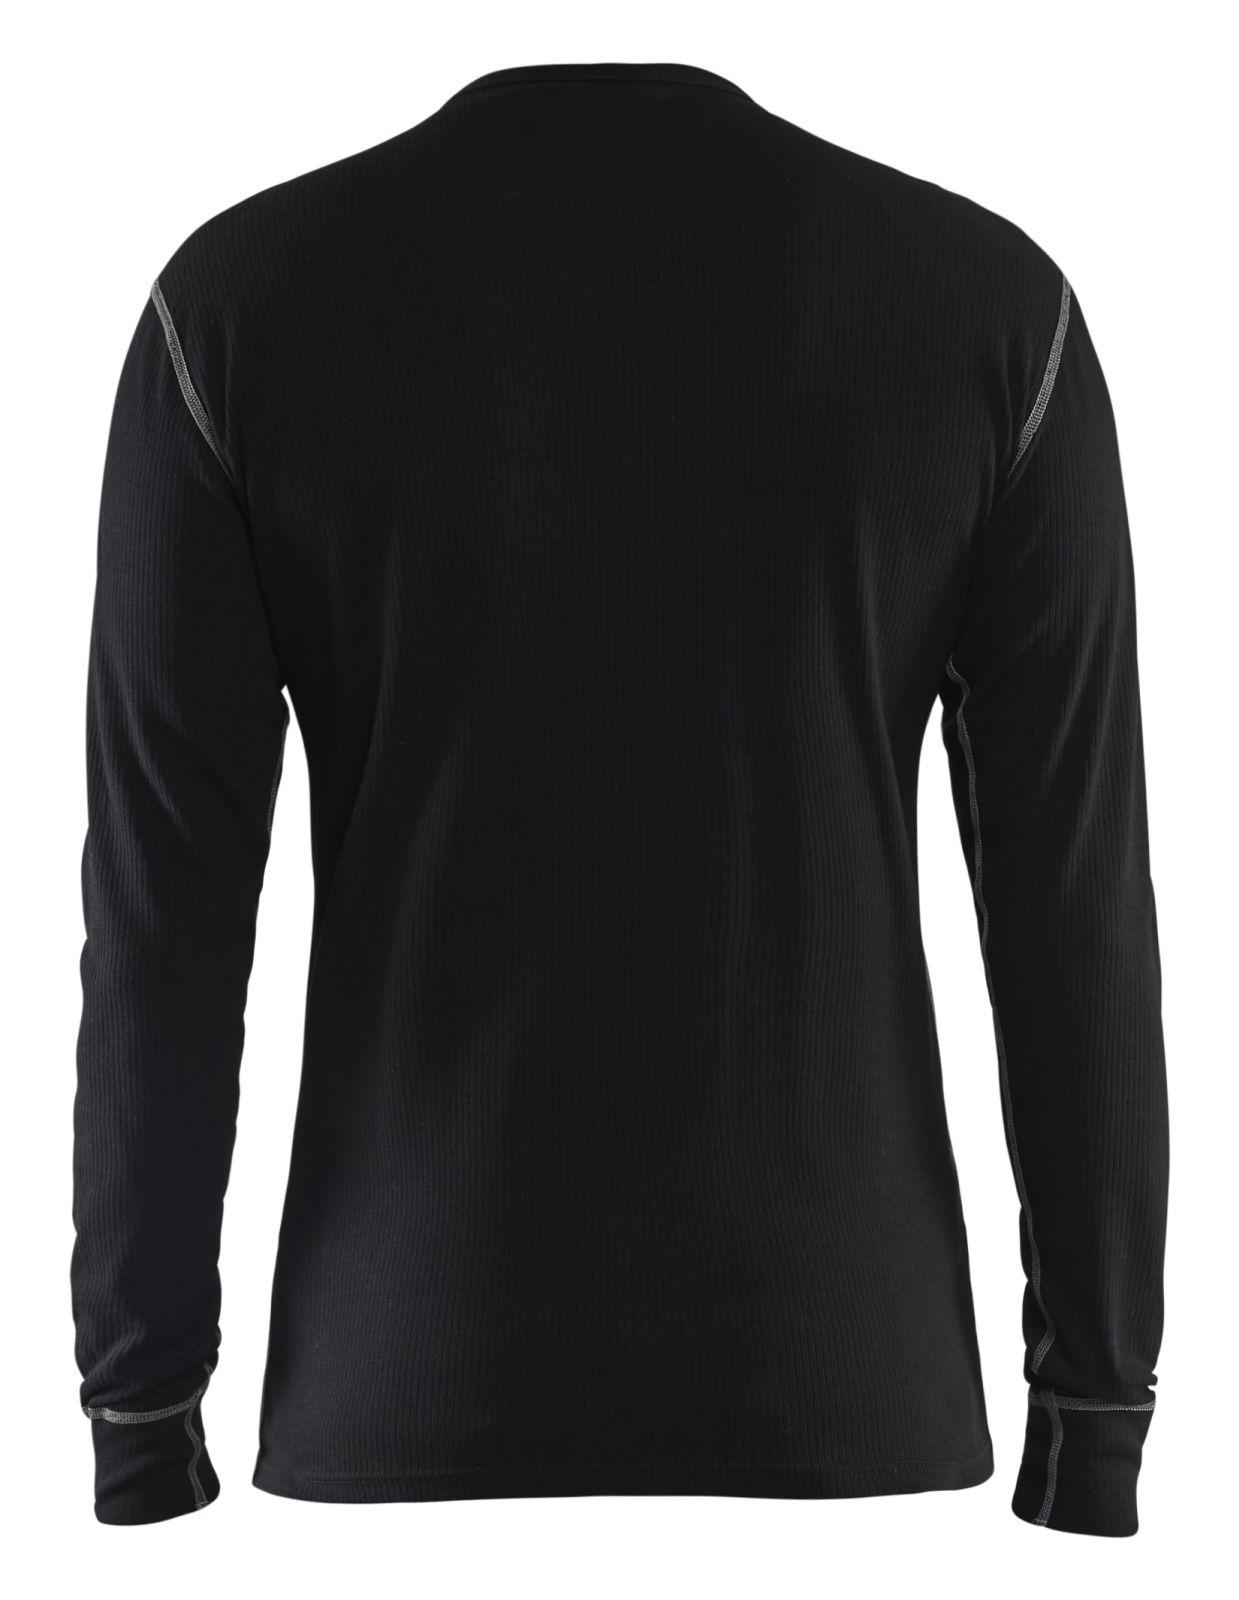 Blaklader Ondershirts 34981725 Vlamvertragend zwart(9900)